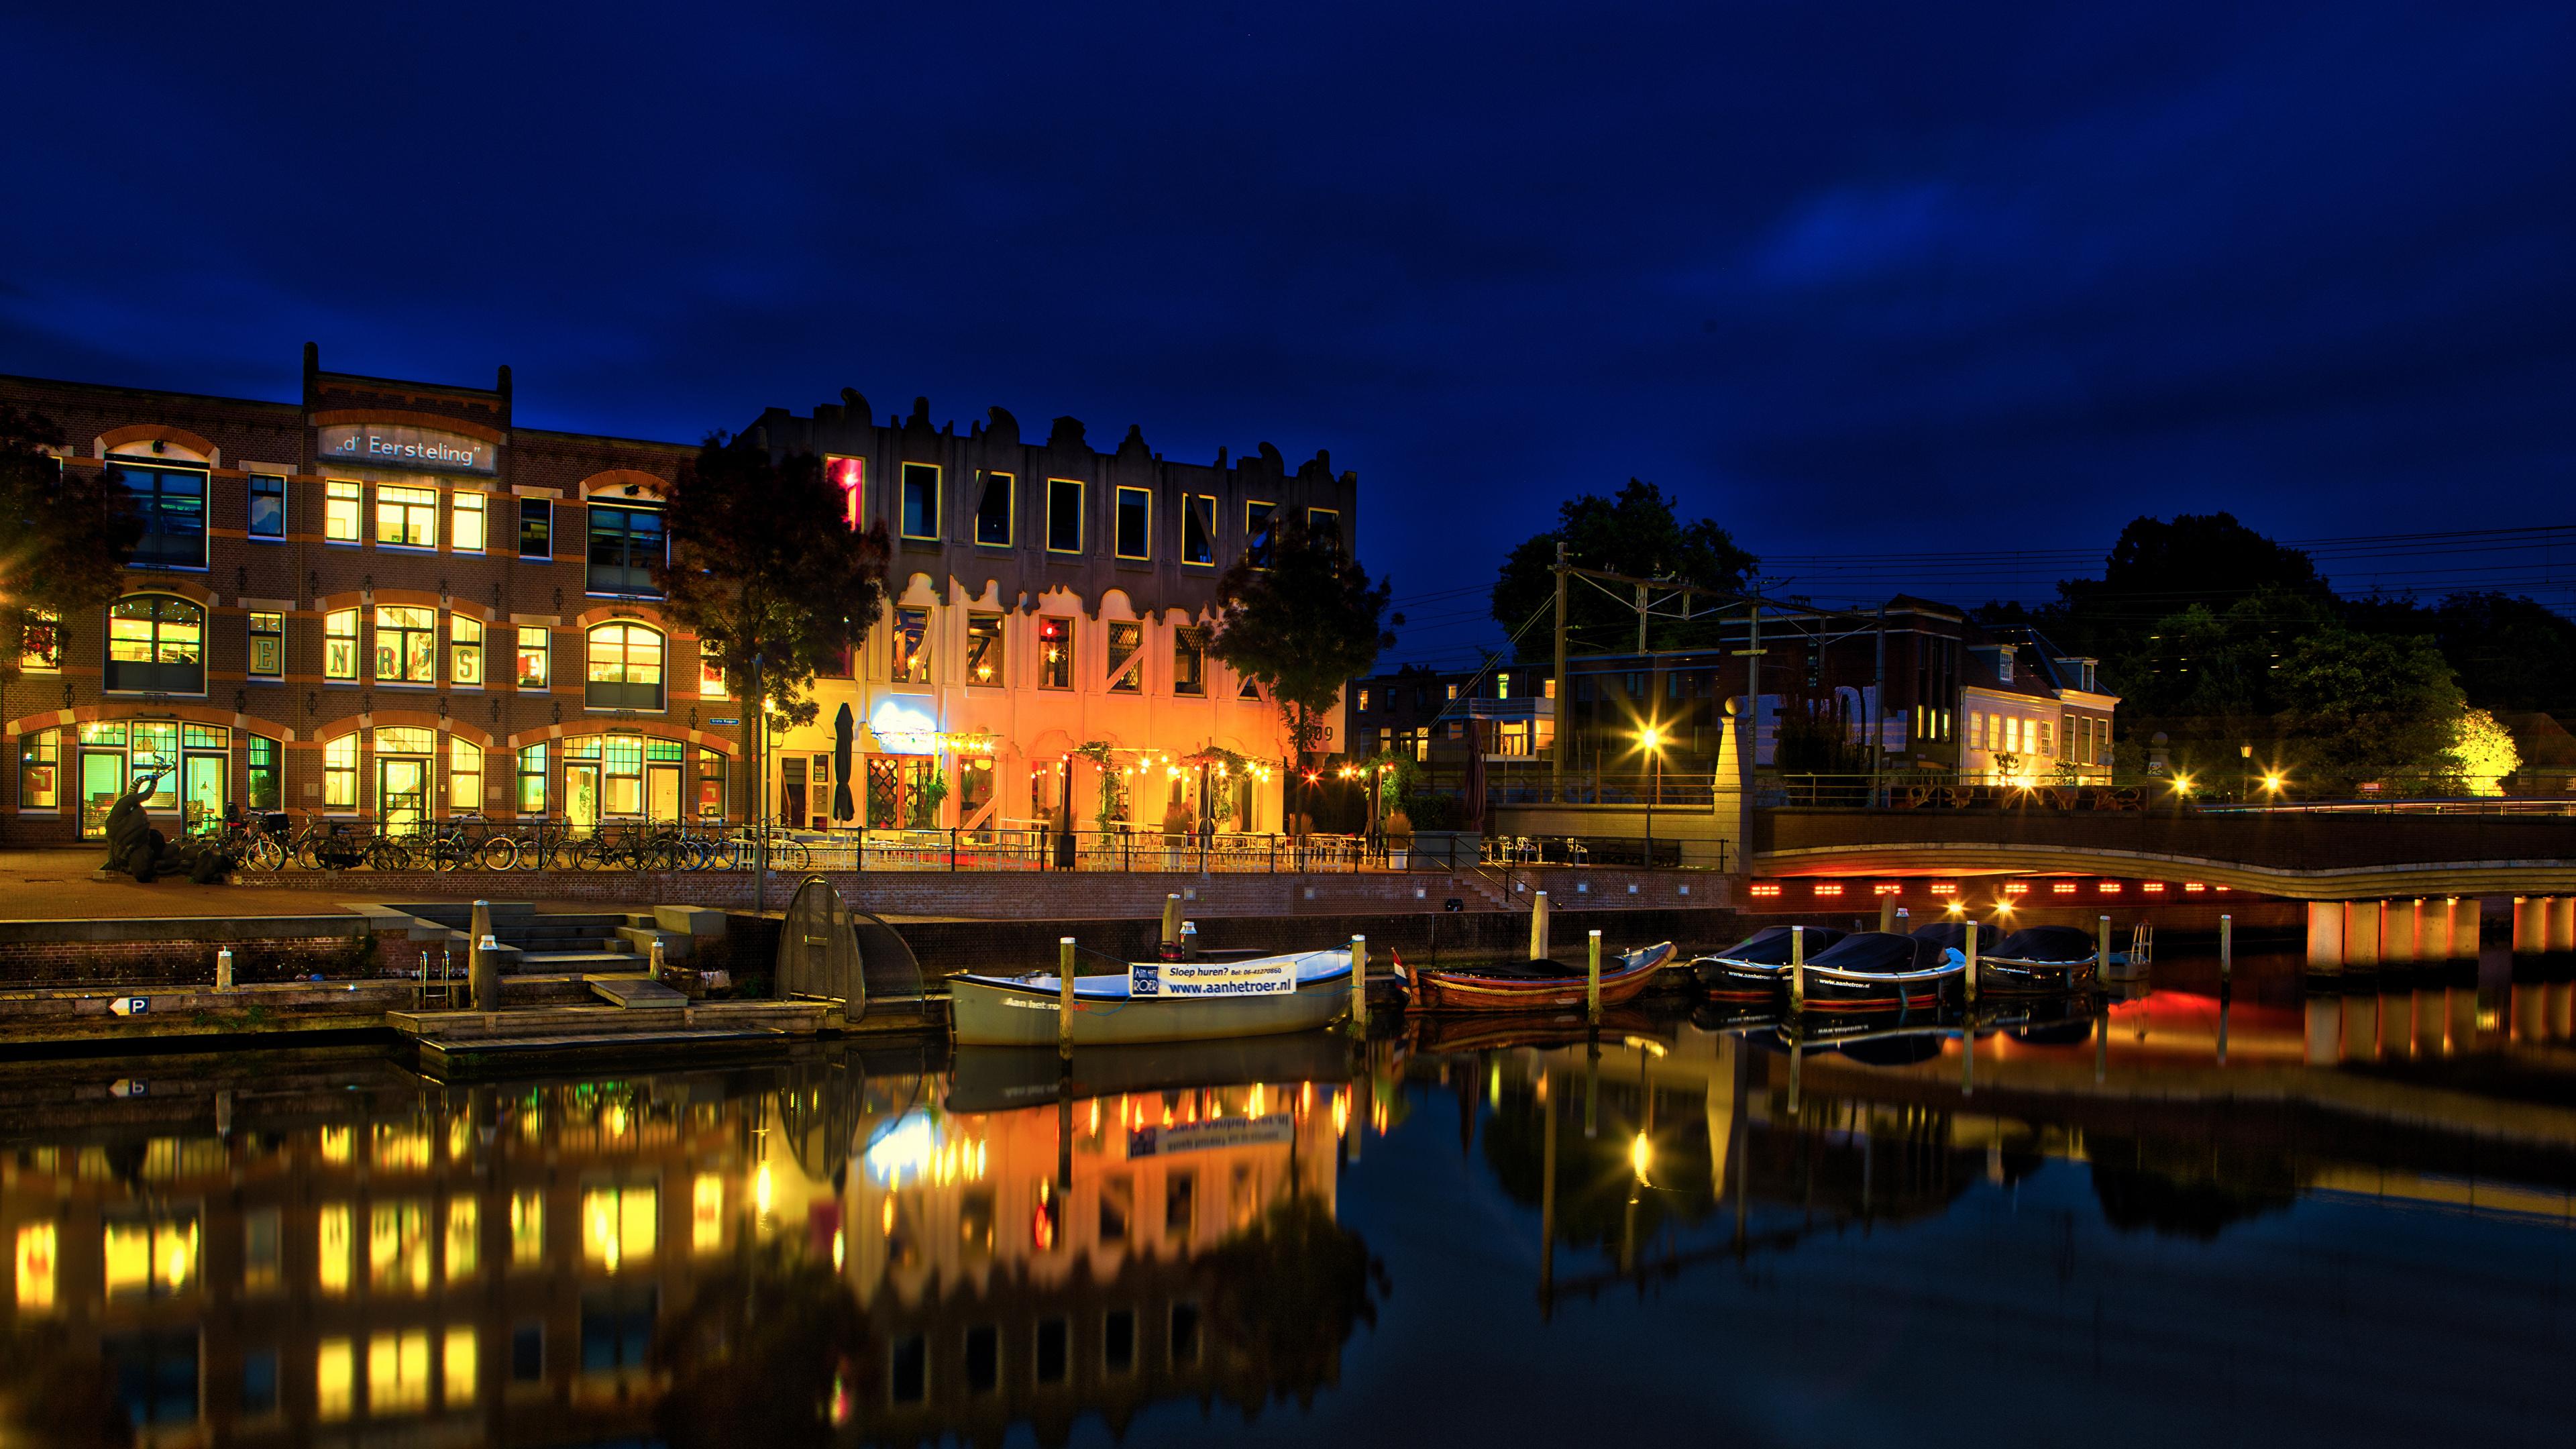 Фото Нидерланды Amersfoort canals Водный канал ночью Лодки Причалы Уличные фонари Дома город 3840x2160 голландия Ночь Пирсы в ночи Ночные Пристань Города Здания